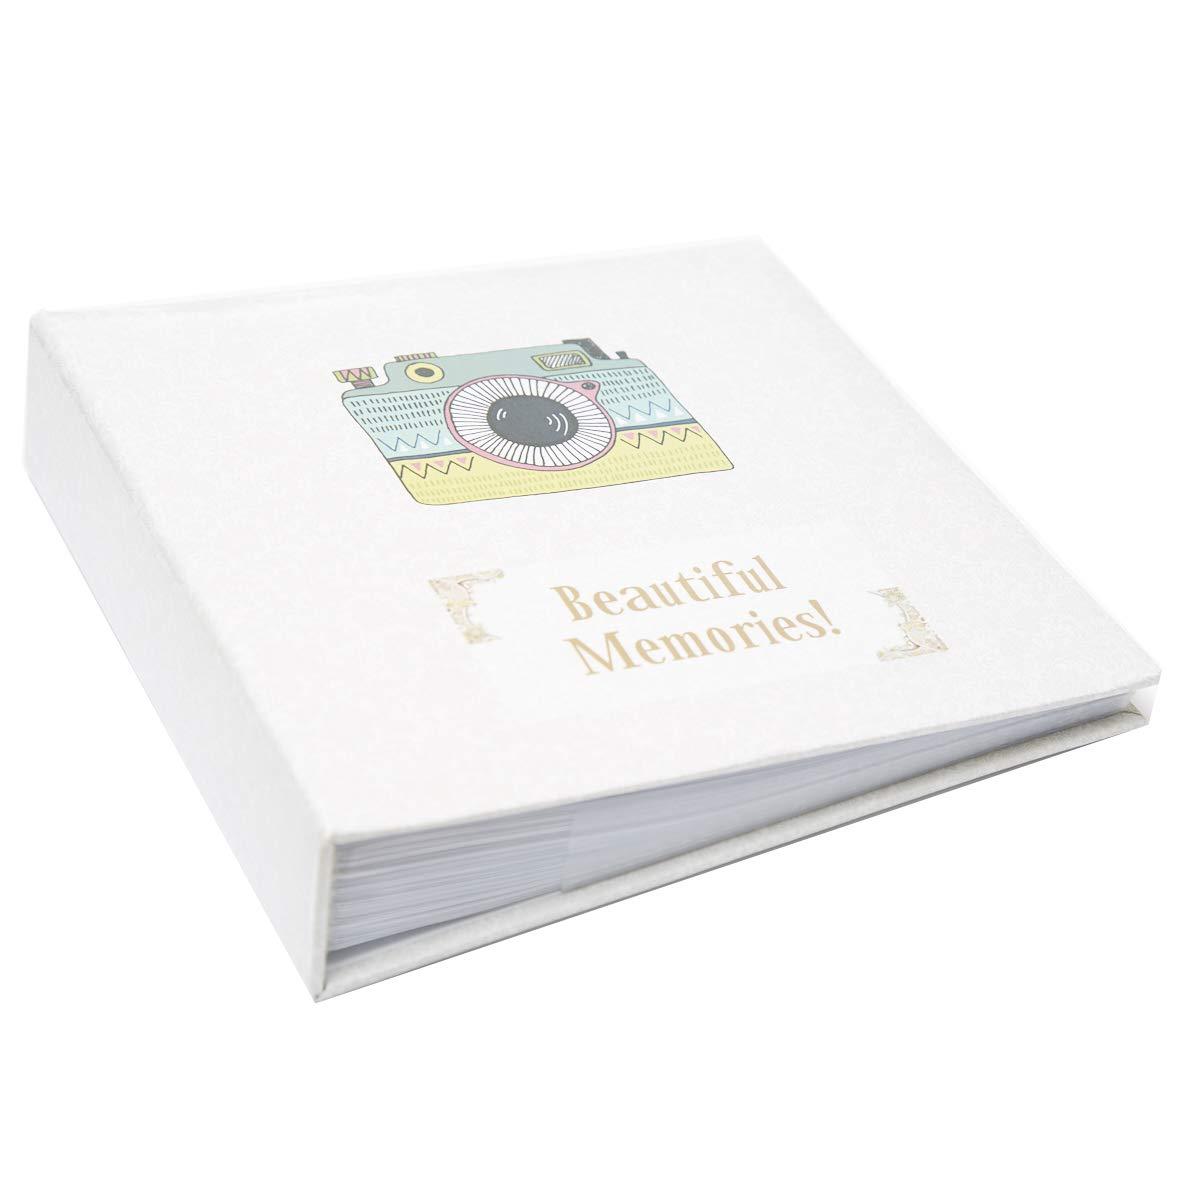 Черногория альбом для фотографий как устроиться на работу на корабль девушке